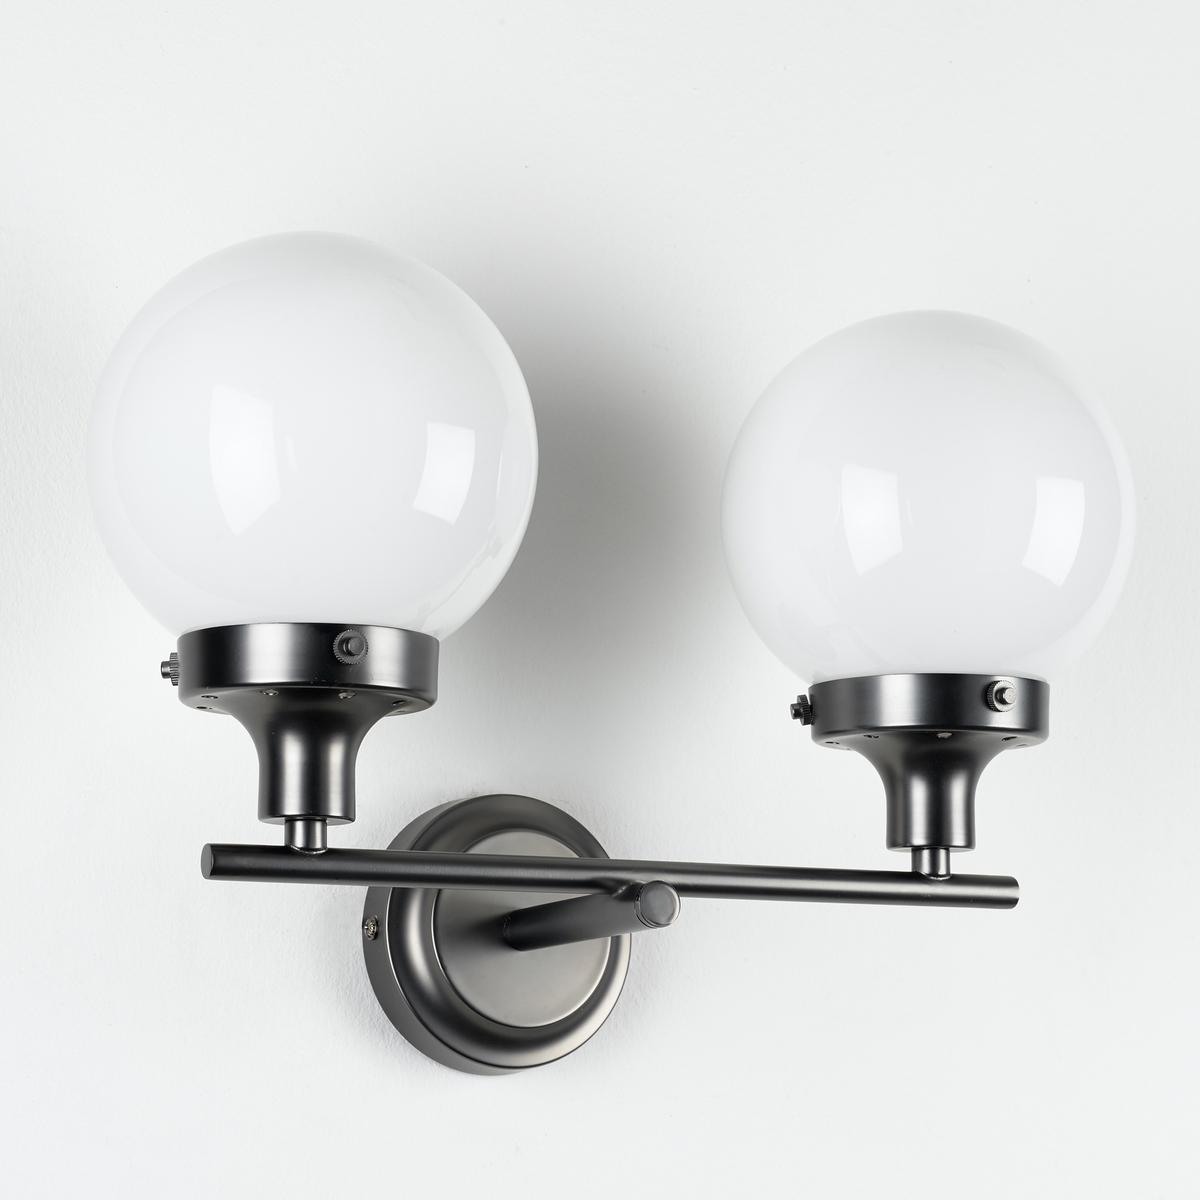 Бра с 2 светильниками, CocineroХарактеристики :- Из металла с покрытием бронзой с эффектом старения- Колпаки из опалового стекла- Совместим с лампами класса энергопотребления A. - Патрон E14 для компактной флуоресцентной лампы 8 Вт (продается отдельно). Размеры :- Ш.38,8 x В.18,8 x Г.26,6 см- ? колпака : 15 см.<br><br>Цвет: опаловый белый